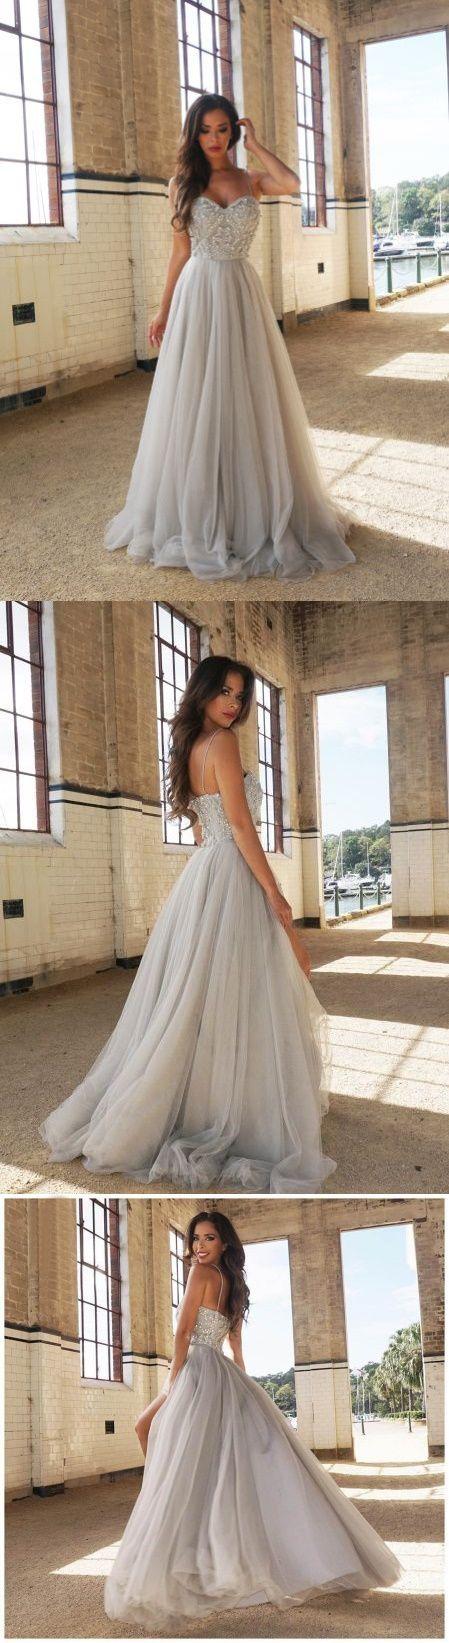 Chic Silber Abiballkleider/Abendkleider Spaghettiträger A-Linie lange Abendkleider JKL296 #eveningdresses